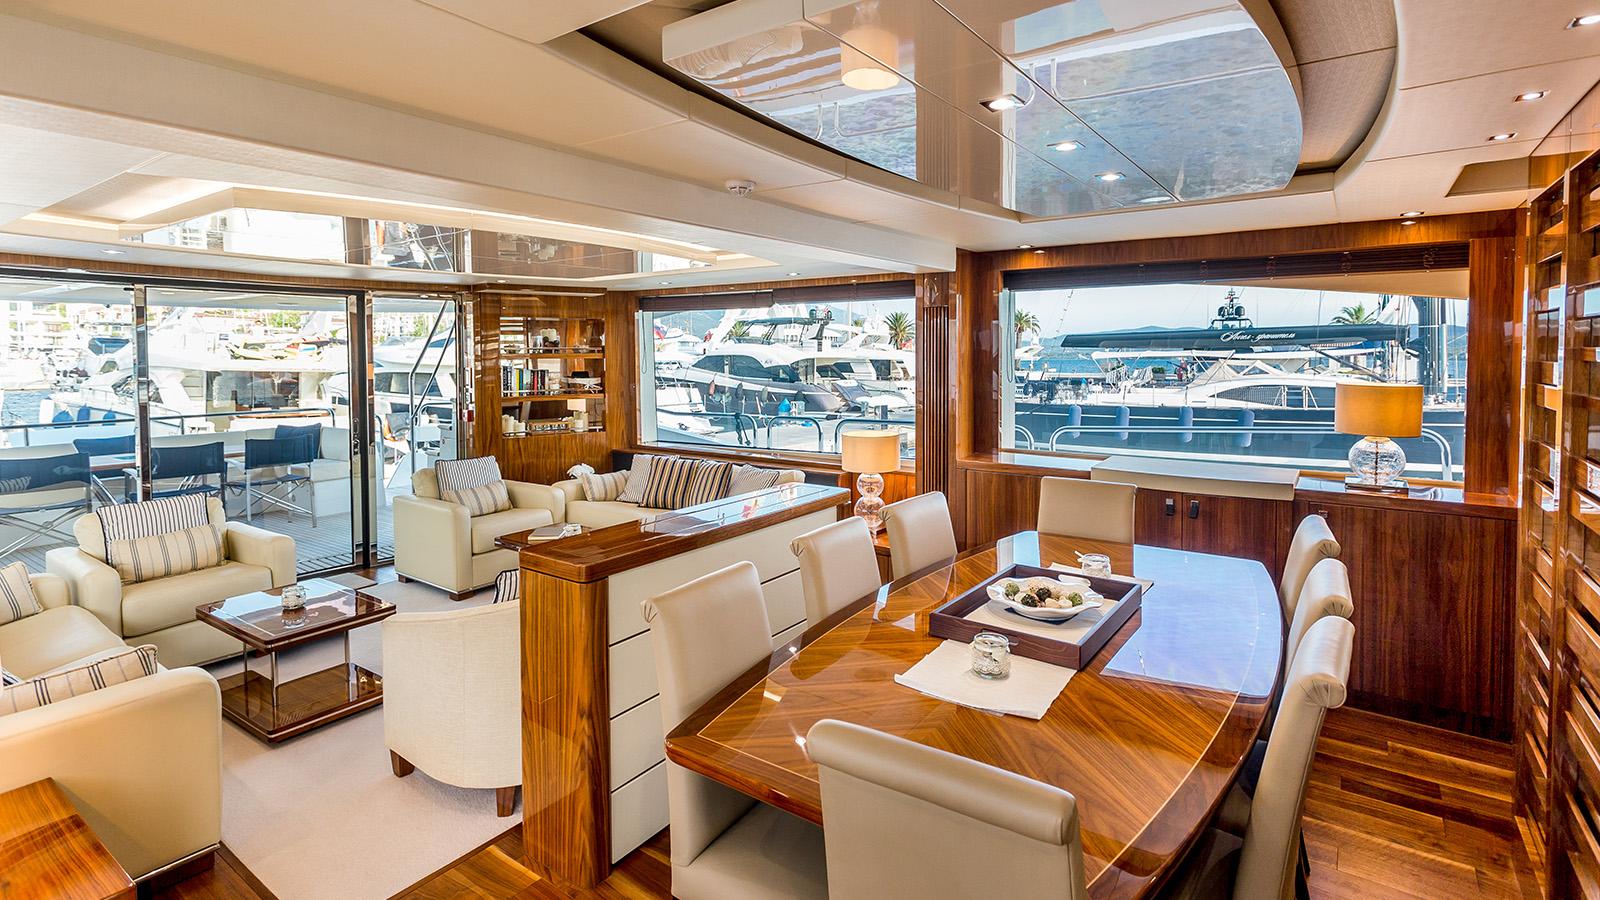 Sunseeker 86 Yacht - Stardust of Poole - Saloon 3